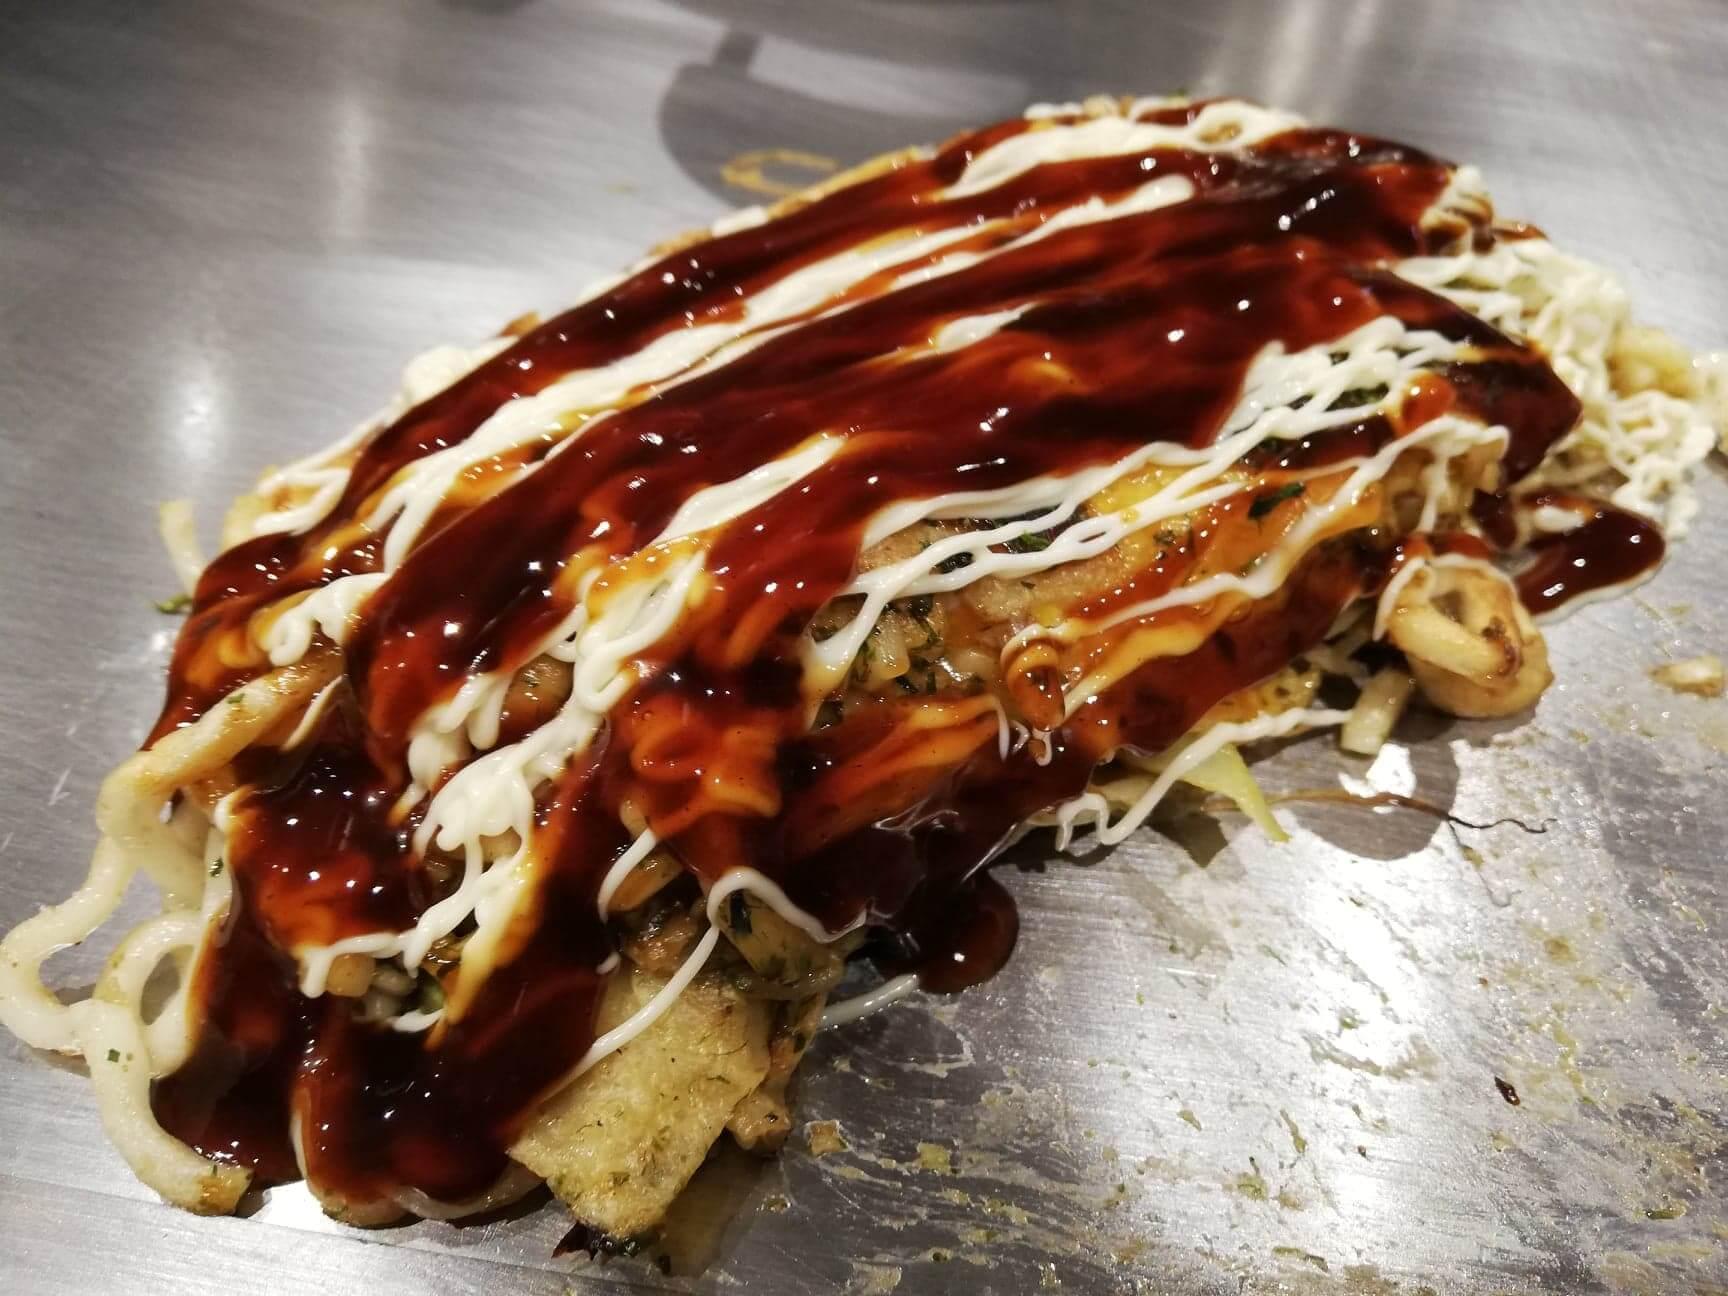 広島県『薬研堀八昌』のうどん肉玉に調味料をかけた写真